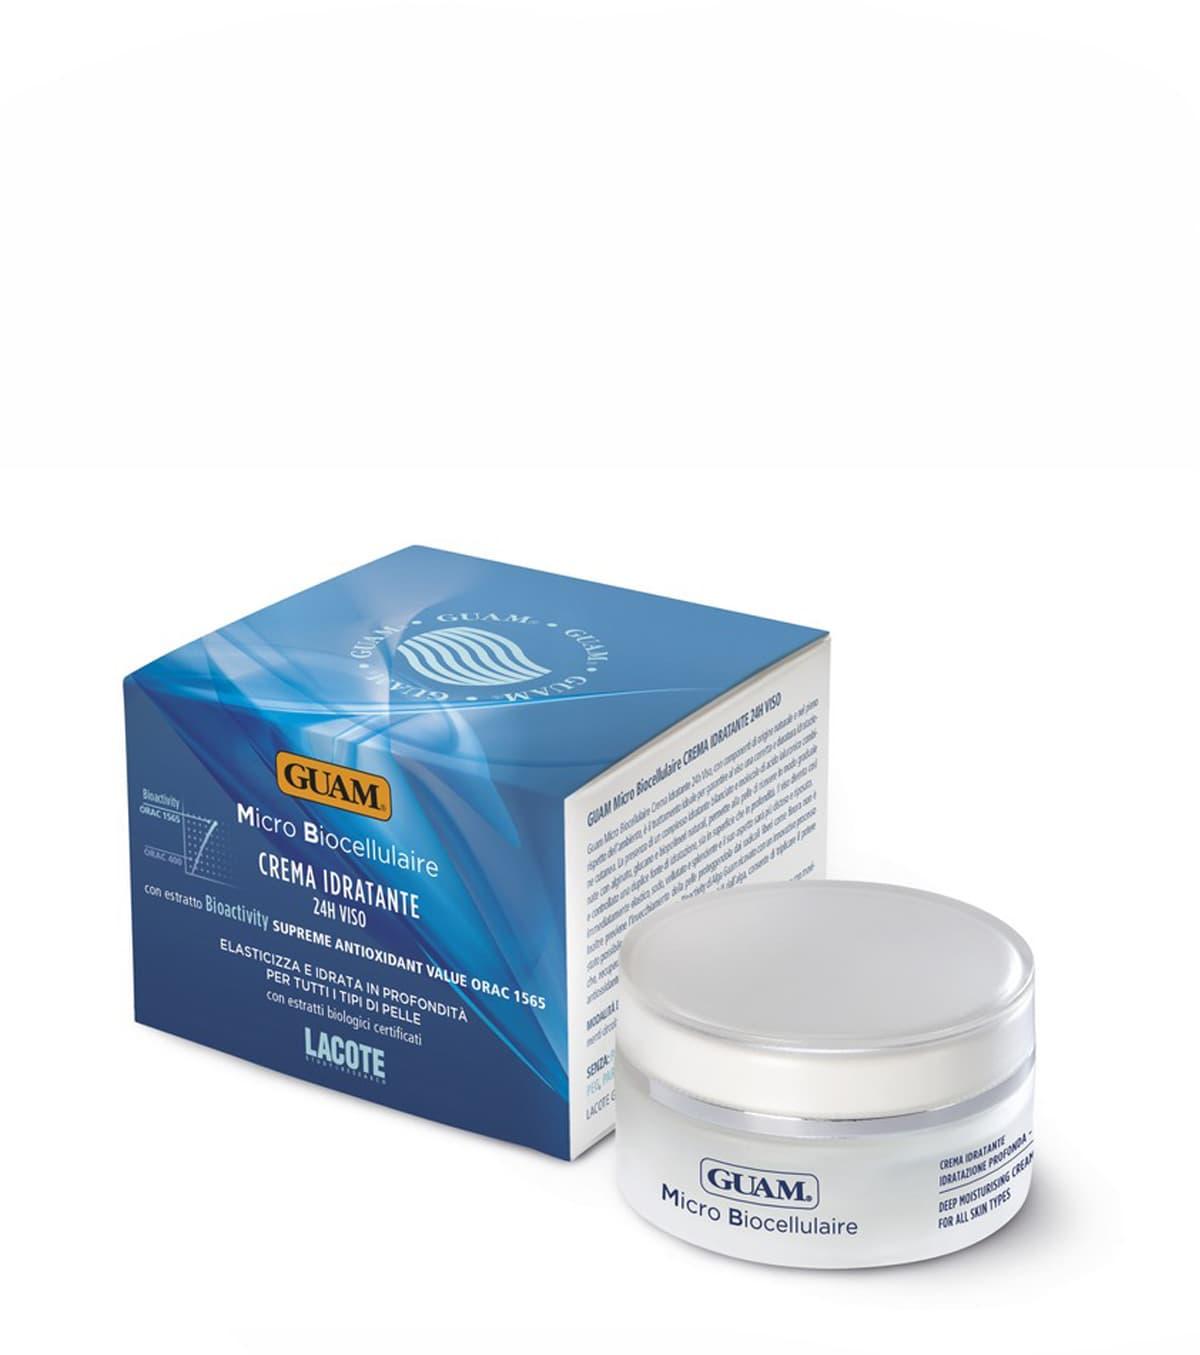 Купить Micro Biocellulaire Крем Увлажняющий 50 Мл, Guam